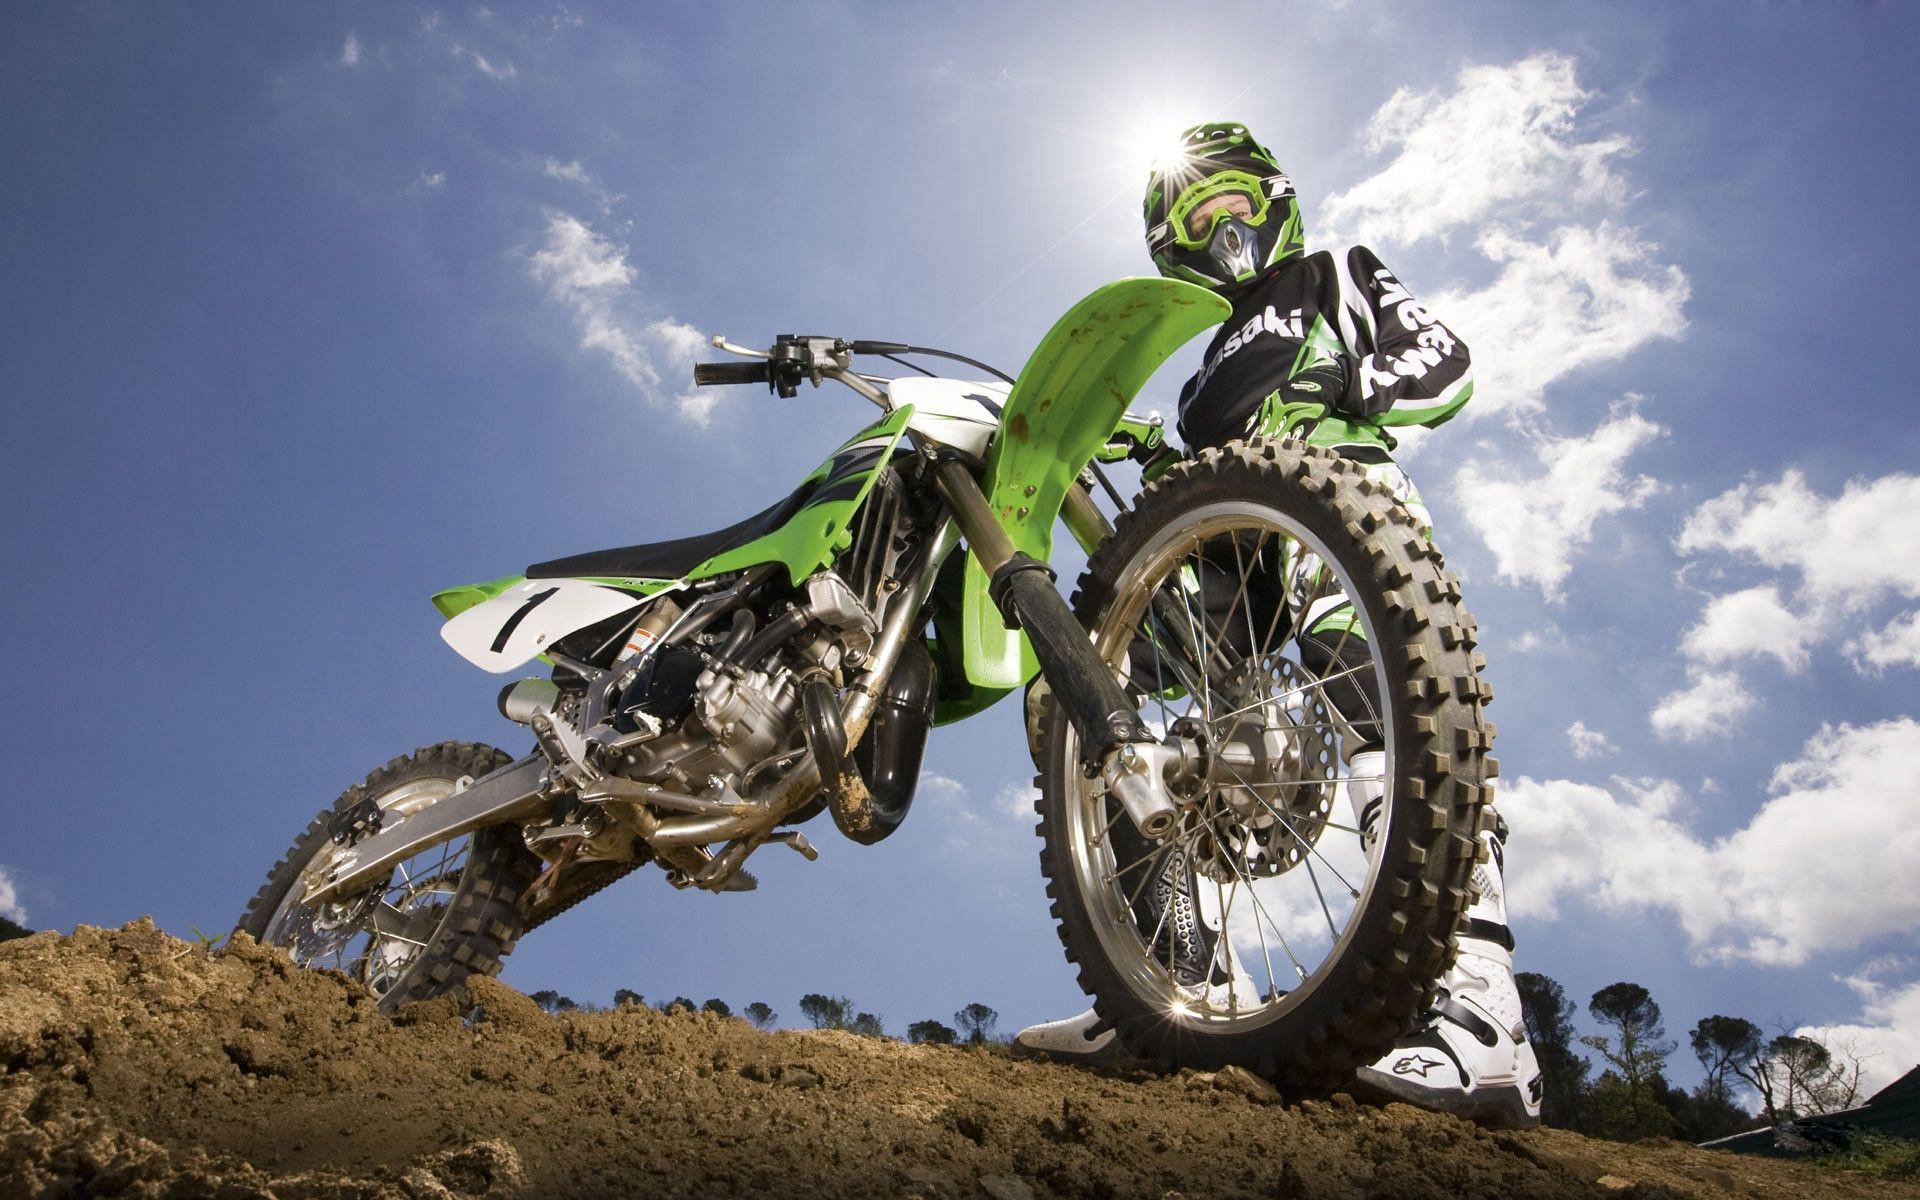 Free HD Dirt Bike Wallpapers Download.